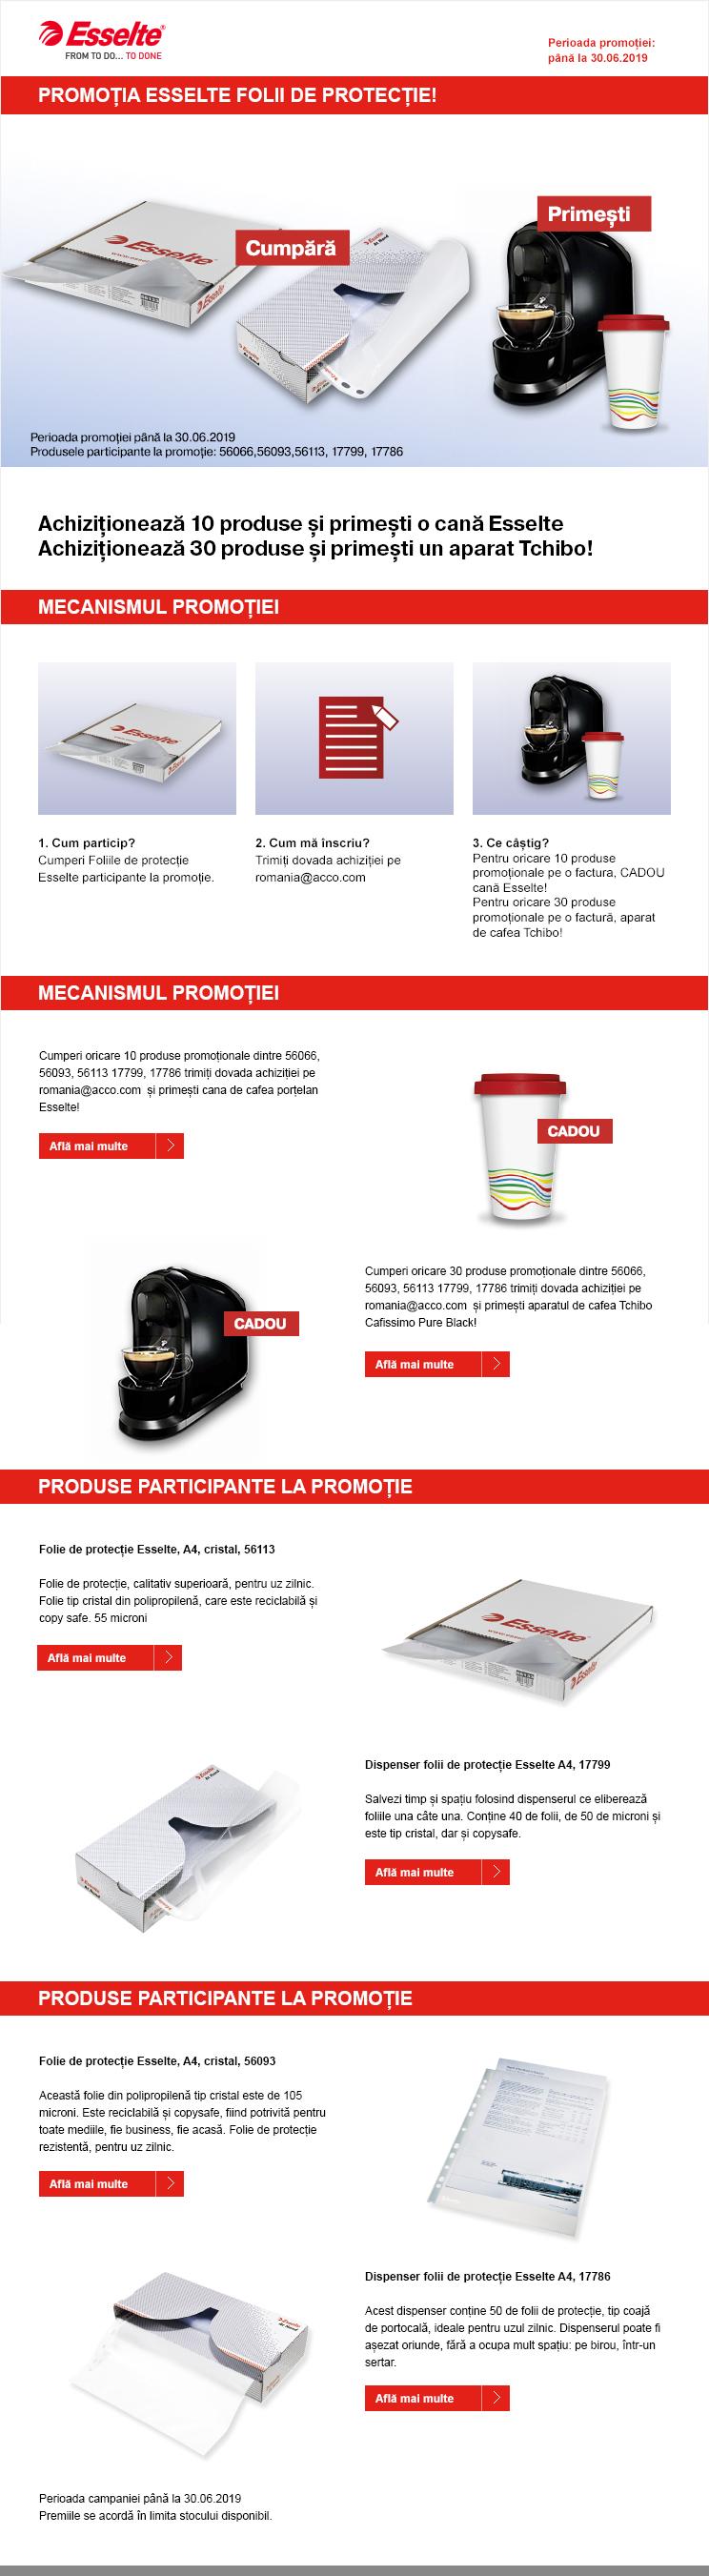 Achizitioneaza produse de papetarie si birotica Esselte de la OfficeClass si castigi premii!